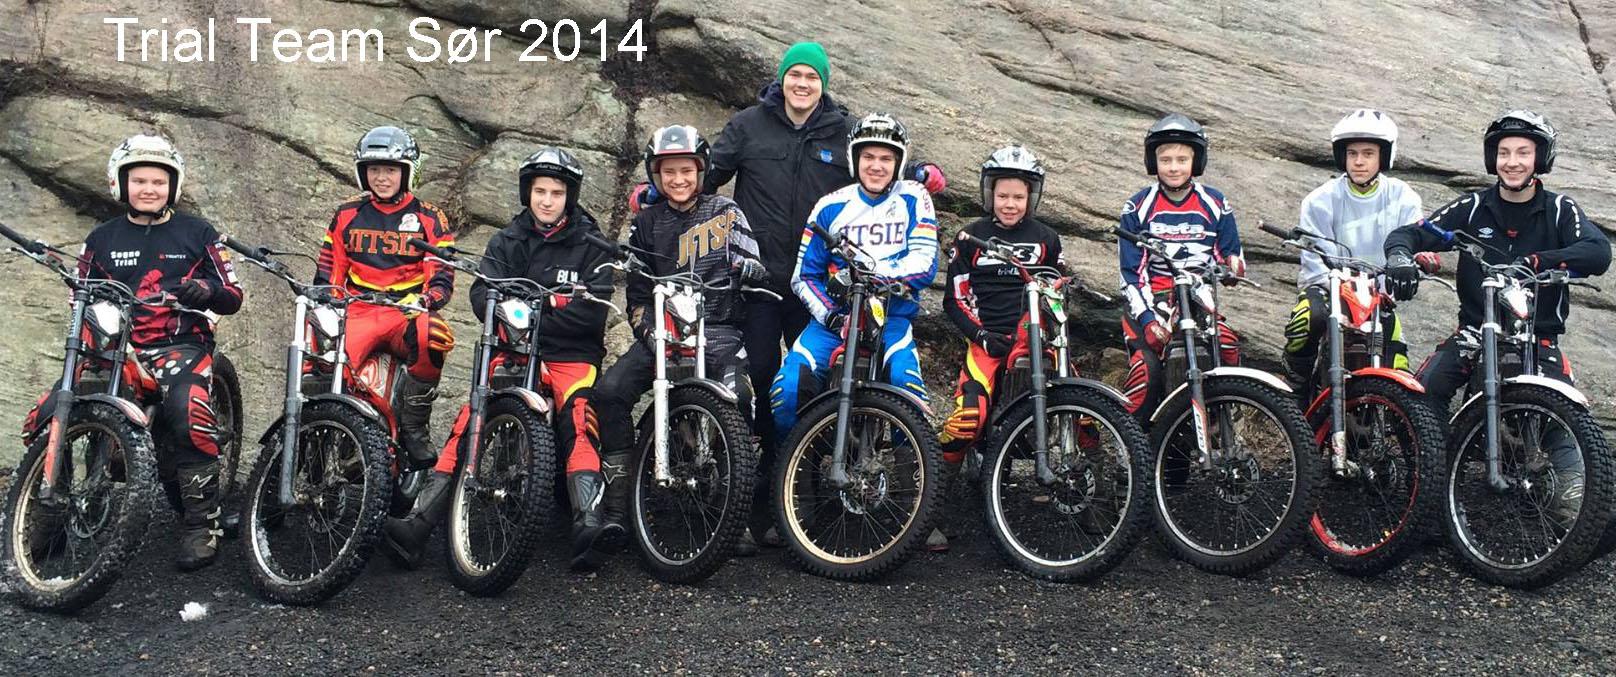 Trial Team Sør får representere alle de ivrige trialkjørerne som har holdt trening og inspirasjon oppe i vinter, og gleder seg til sesongstart!